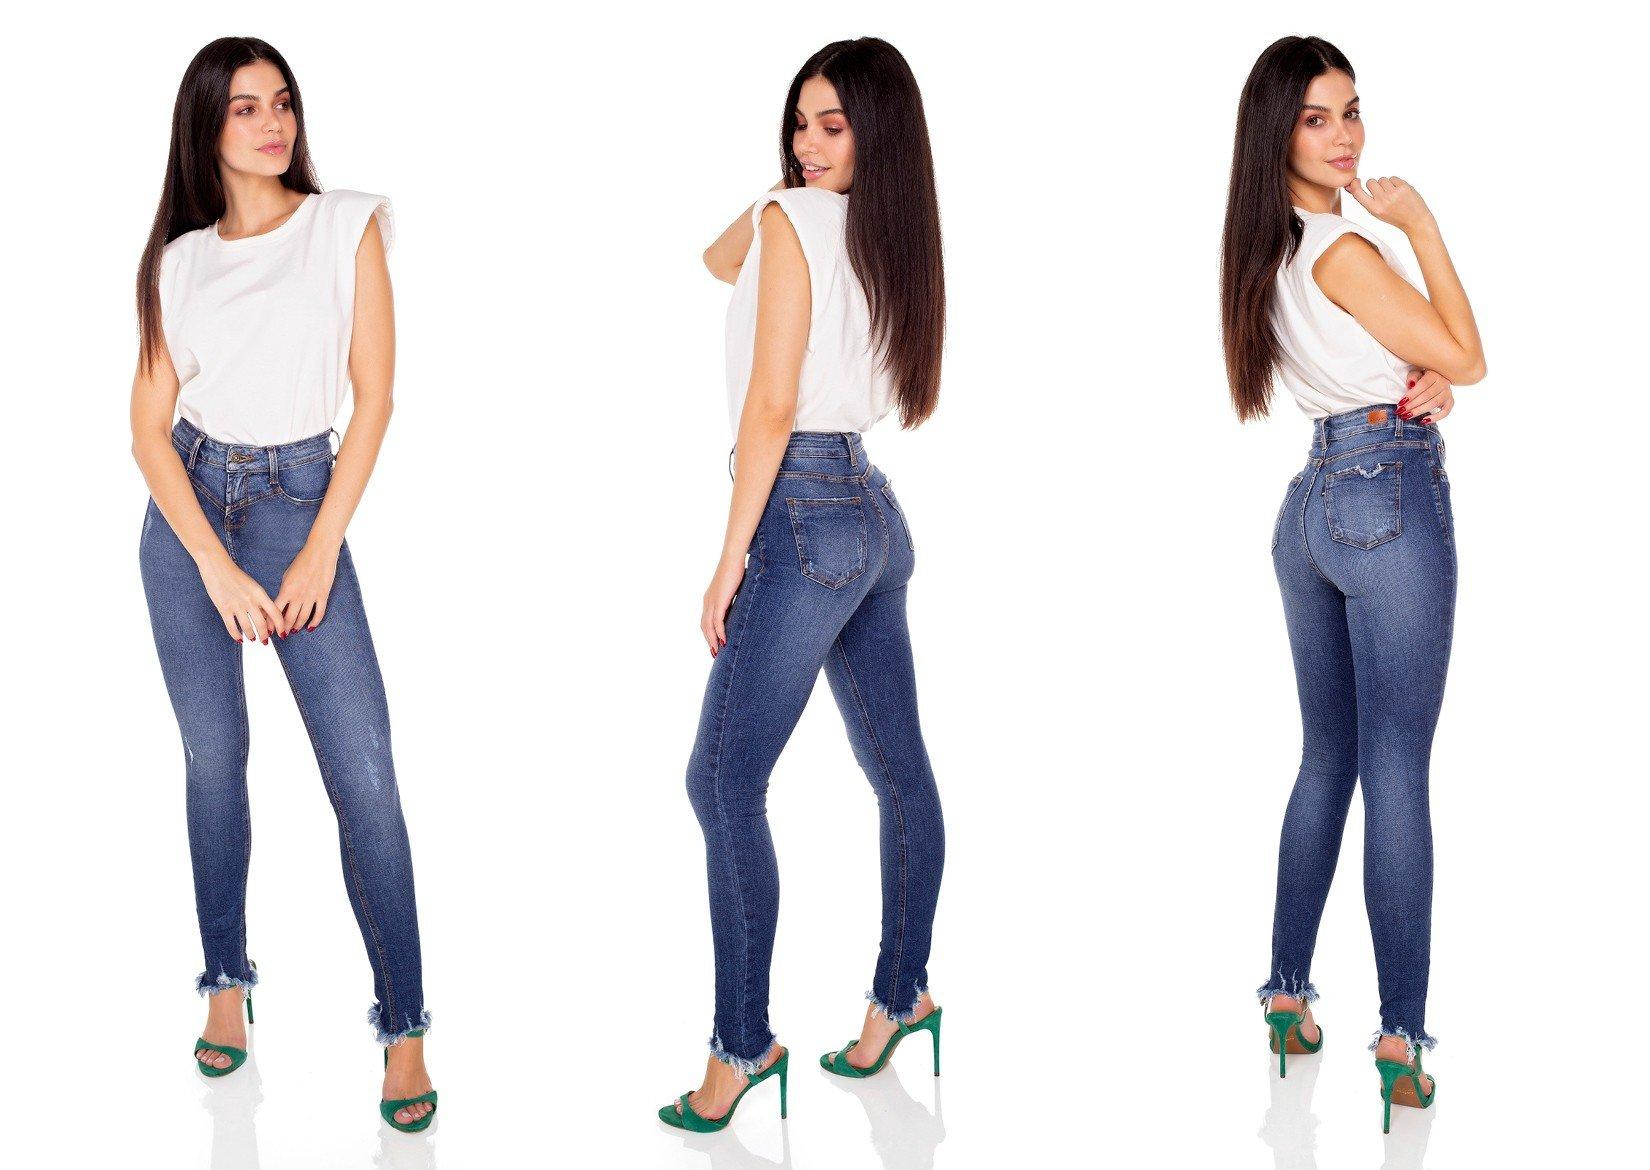 dz3427 calca jeans feminina skinny media recorte frontal denim zero tripla